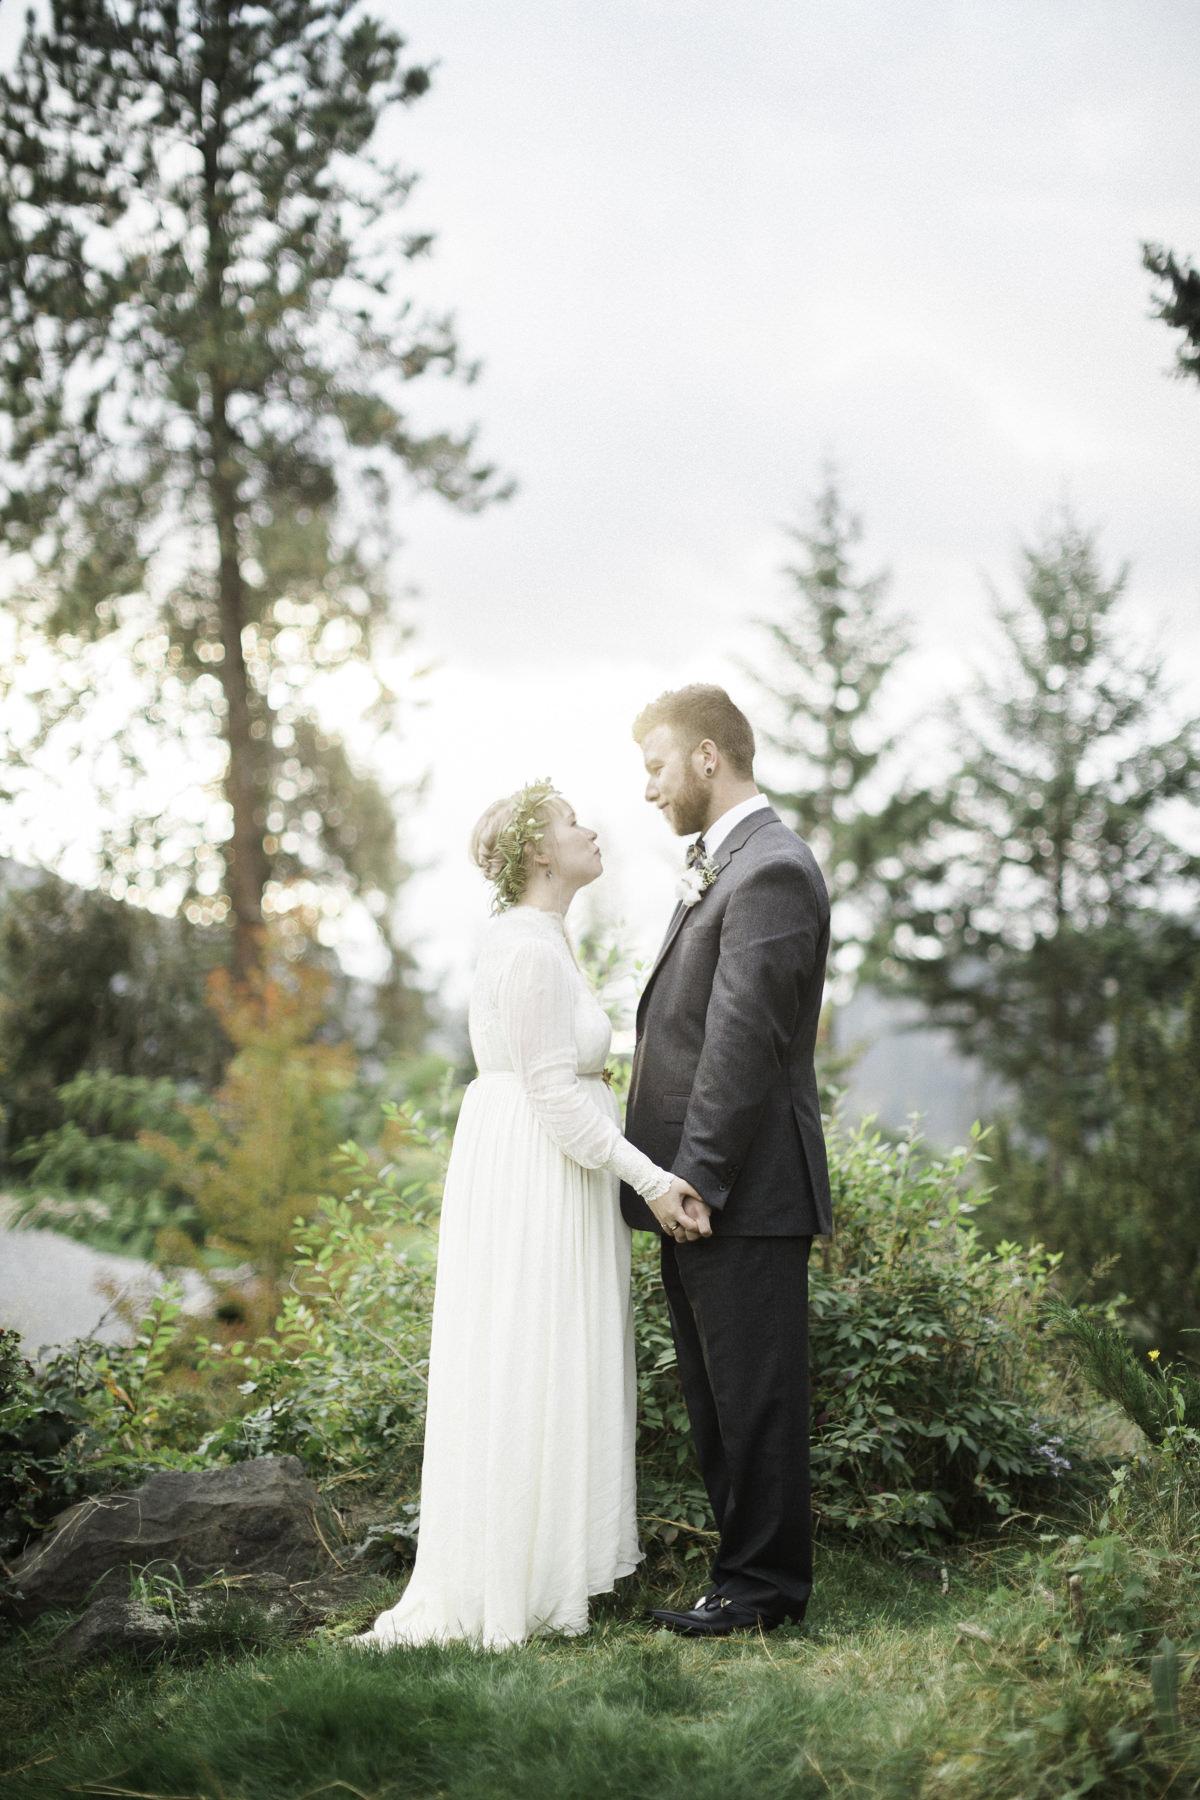 Matt-and-Chelsey-Nelson-wedding-49.jpg